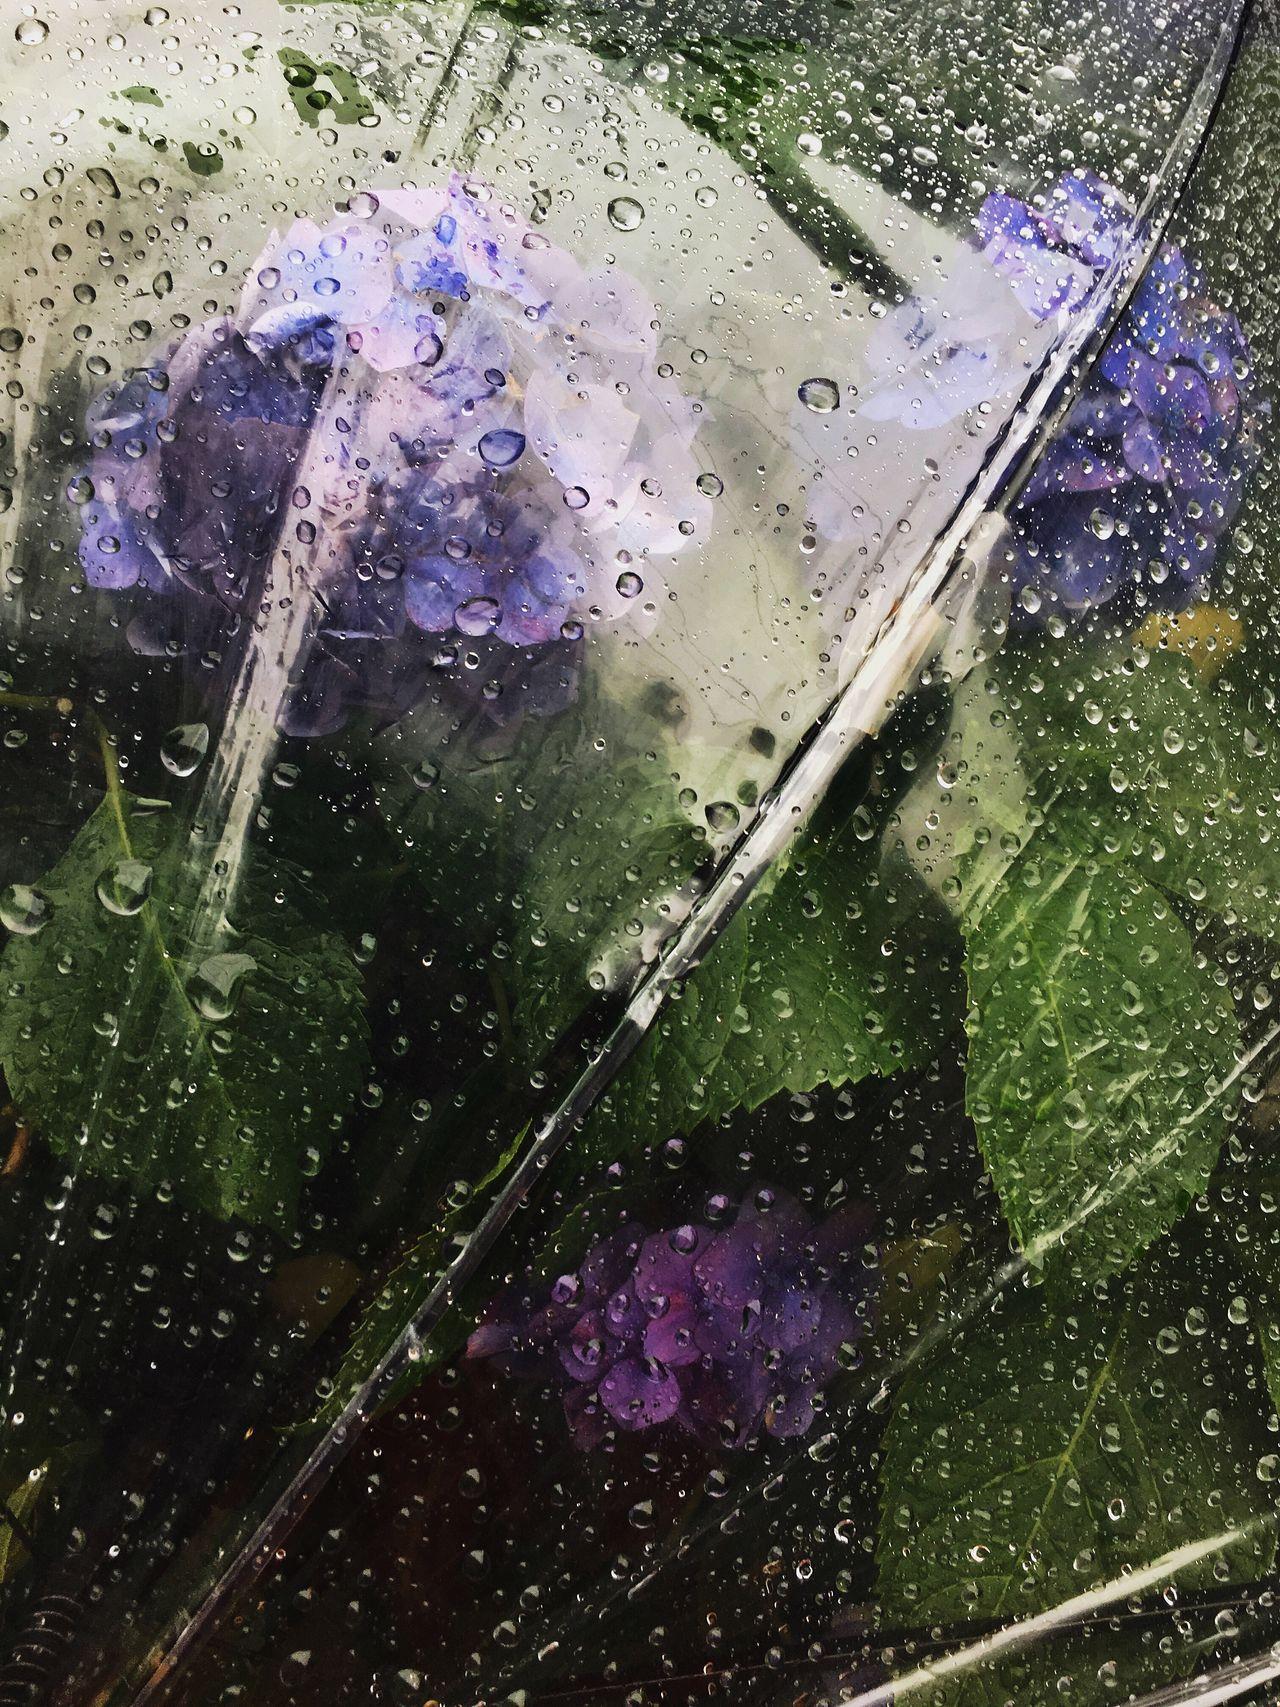 Hydrangea Water Wet Purple Drop Umbrella Drops Flower Rain